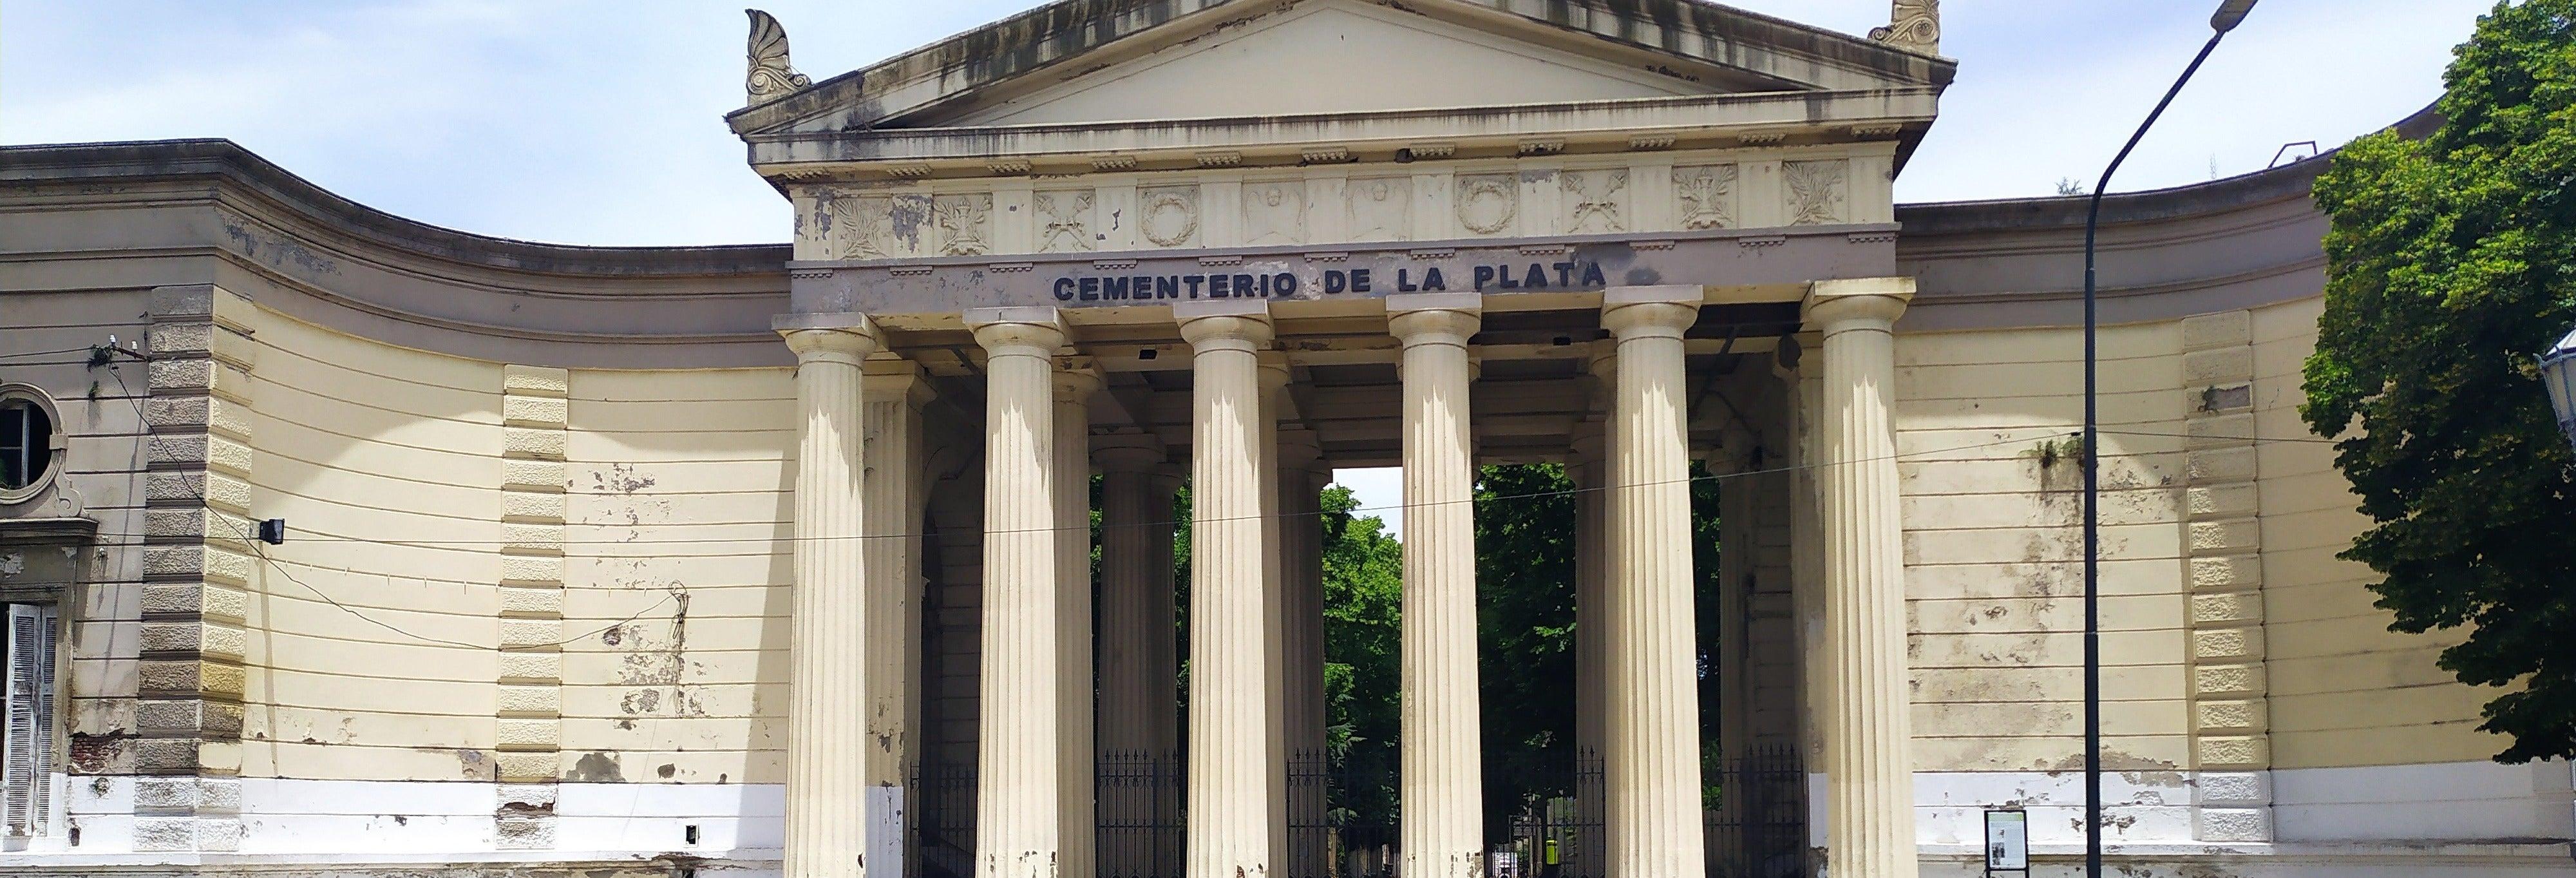 Tour por el cementerio de La Plata